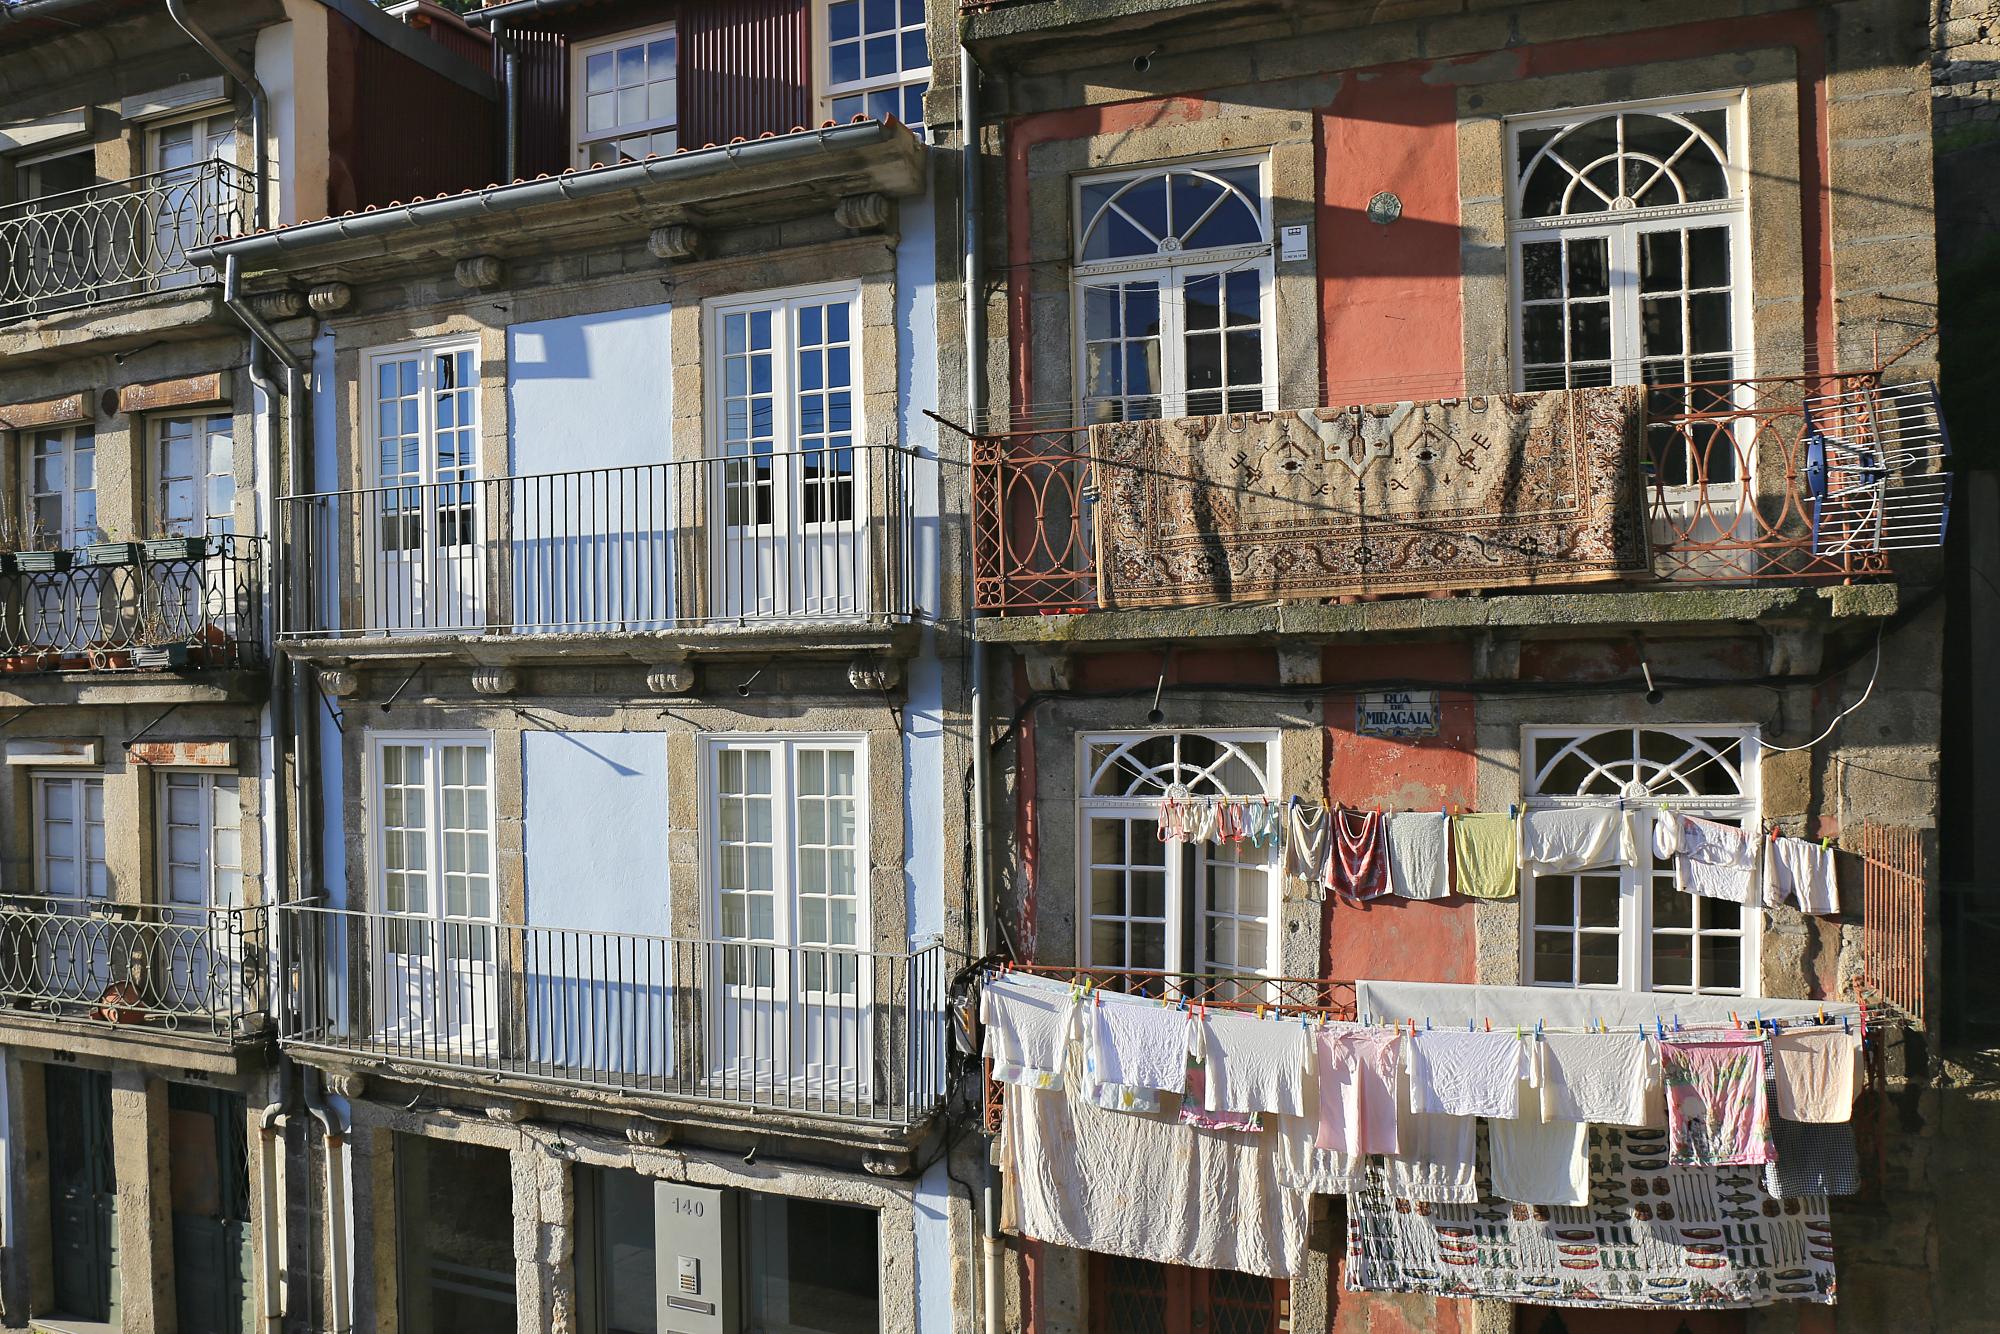 Credit: Hiro    Location: Porto, Portugal.